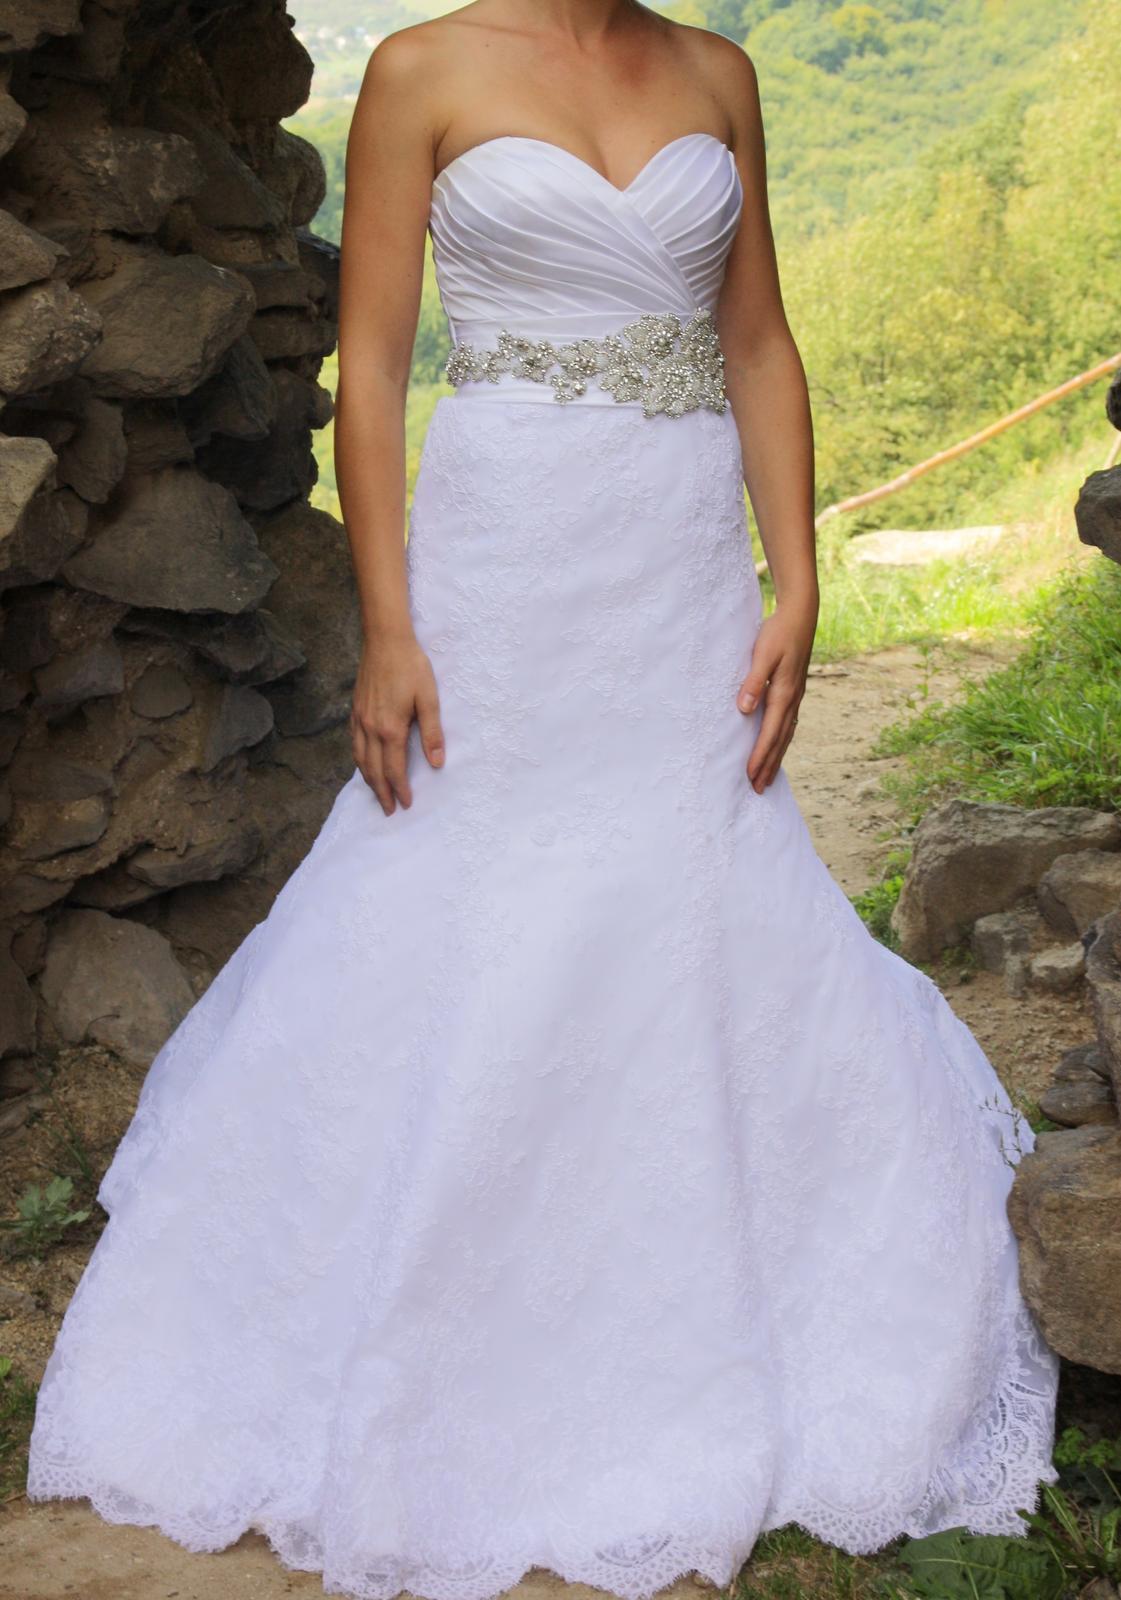 Svadobné šaty Allure Bridal - Obrázok č. 1